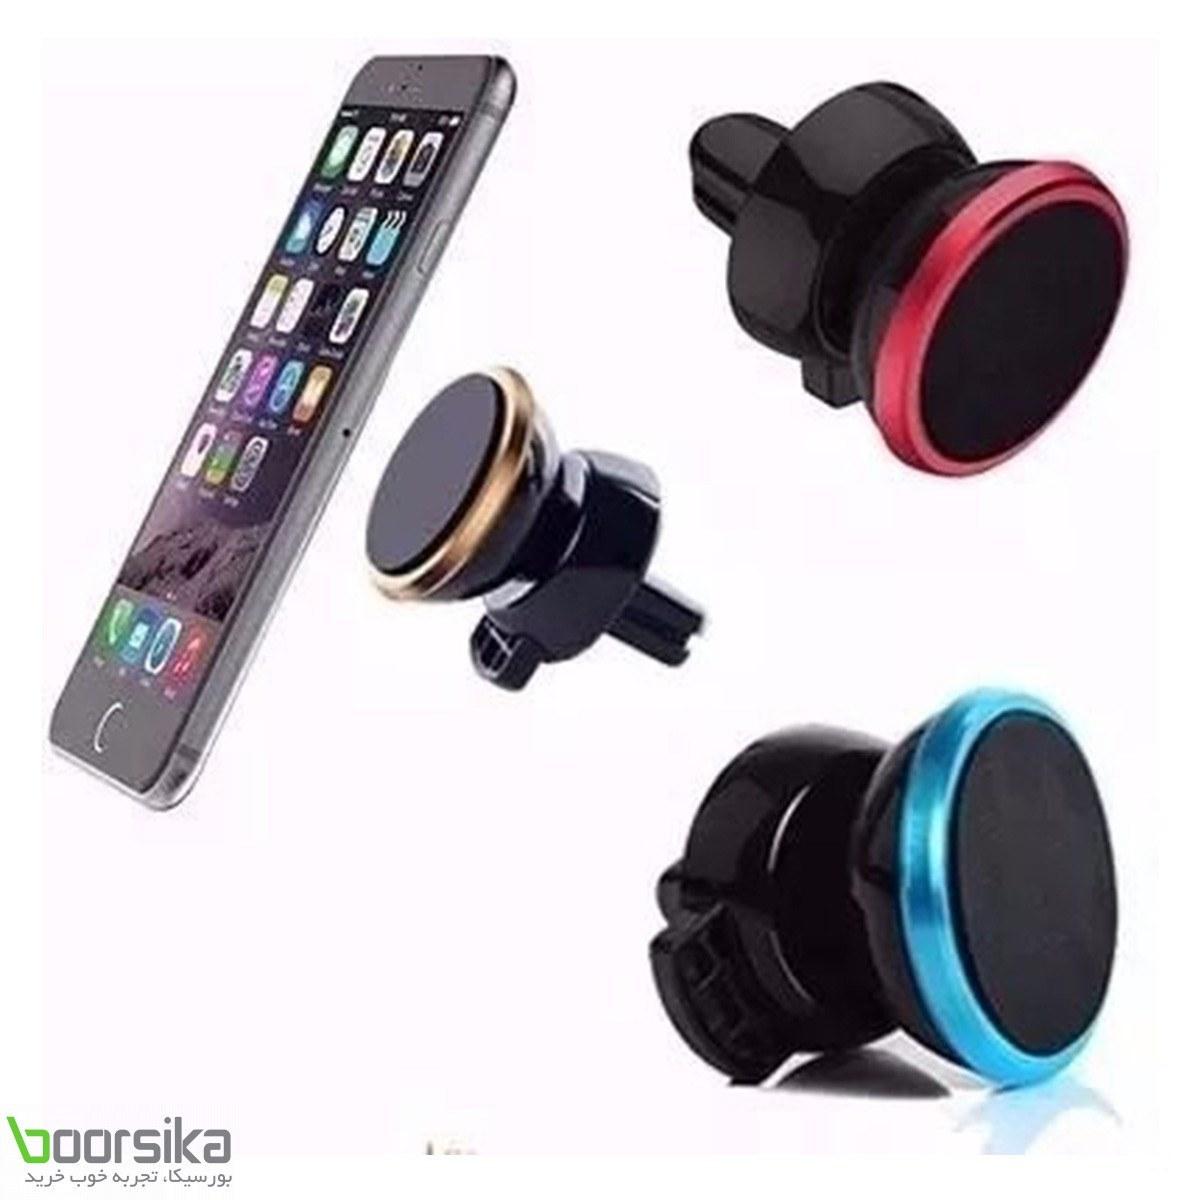 پایه نگهدارنده موبایل Magnetic Air vent moumt